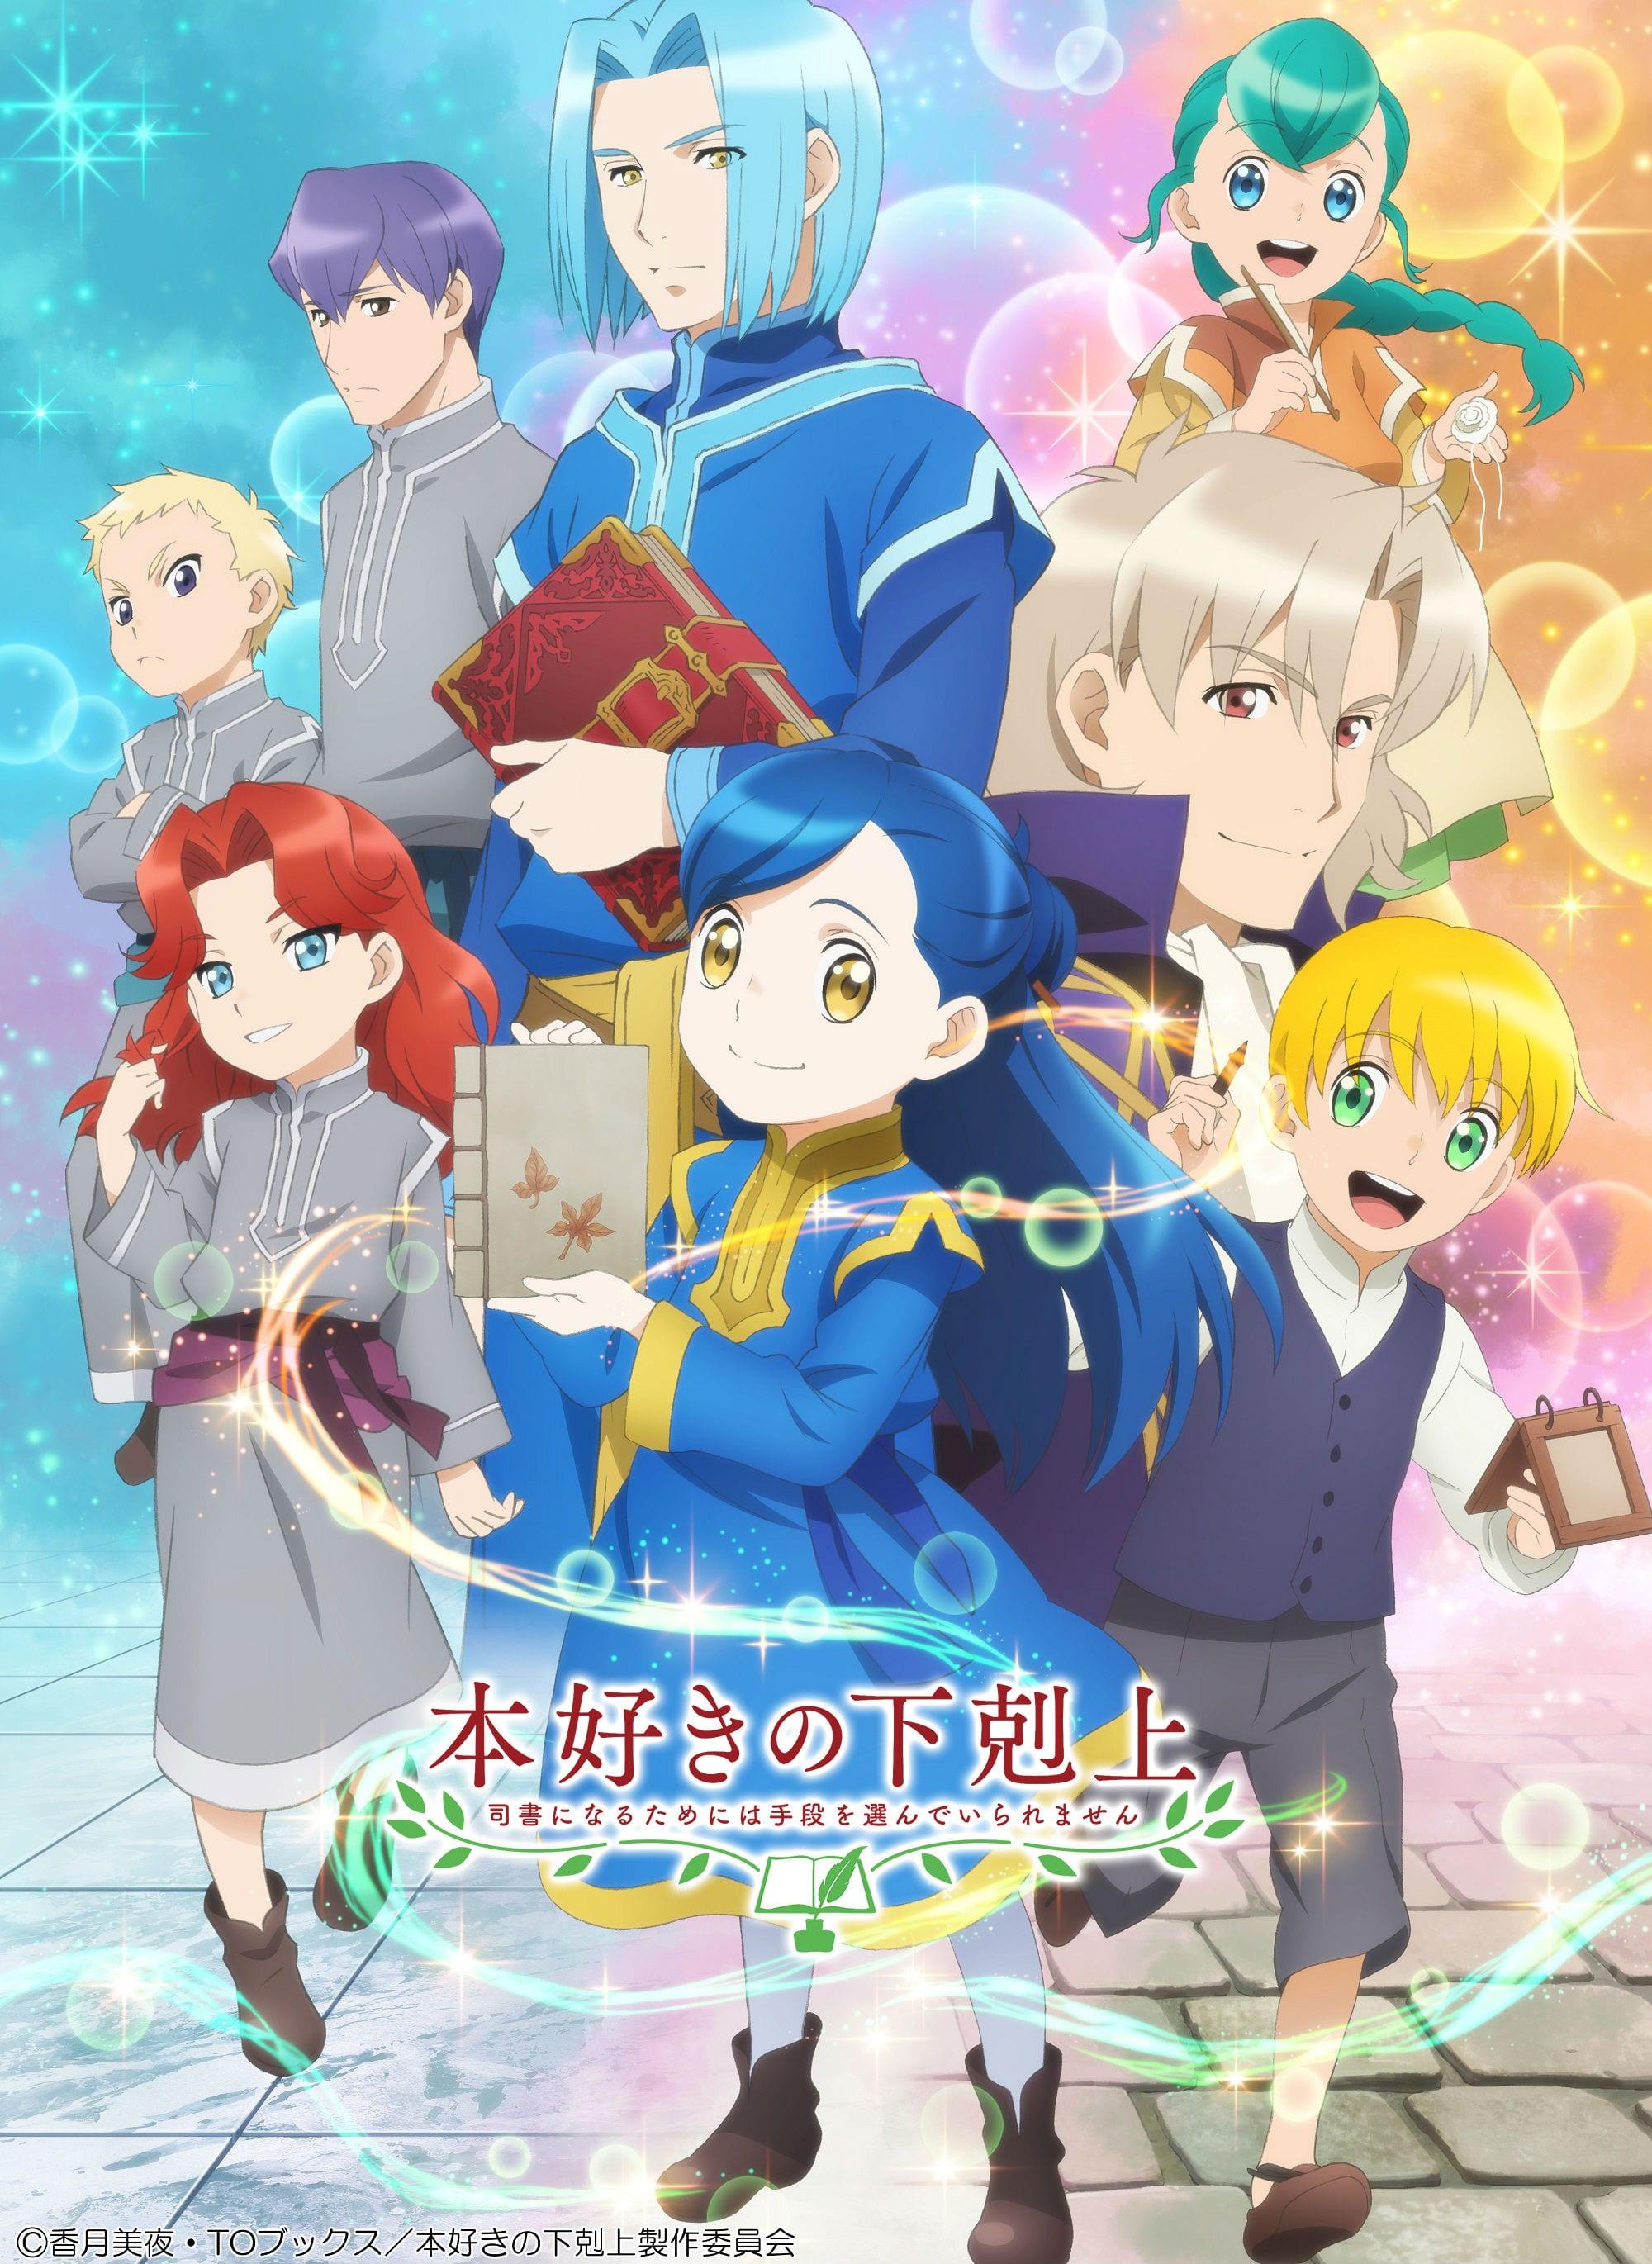 https://mirai.ai/wp-content/uploads/Honzuki-no-Gekokujou-2-season-2-v1.jpg